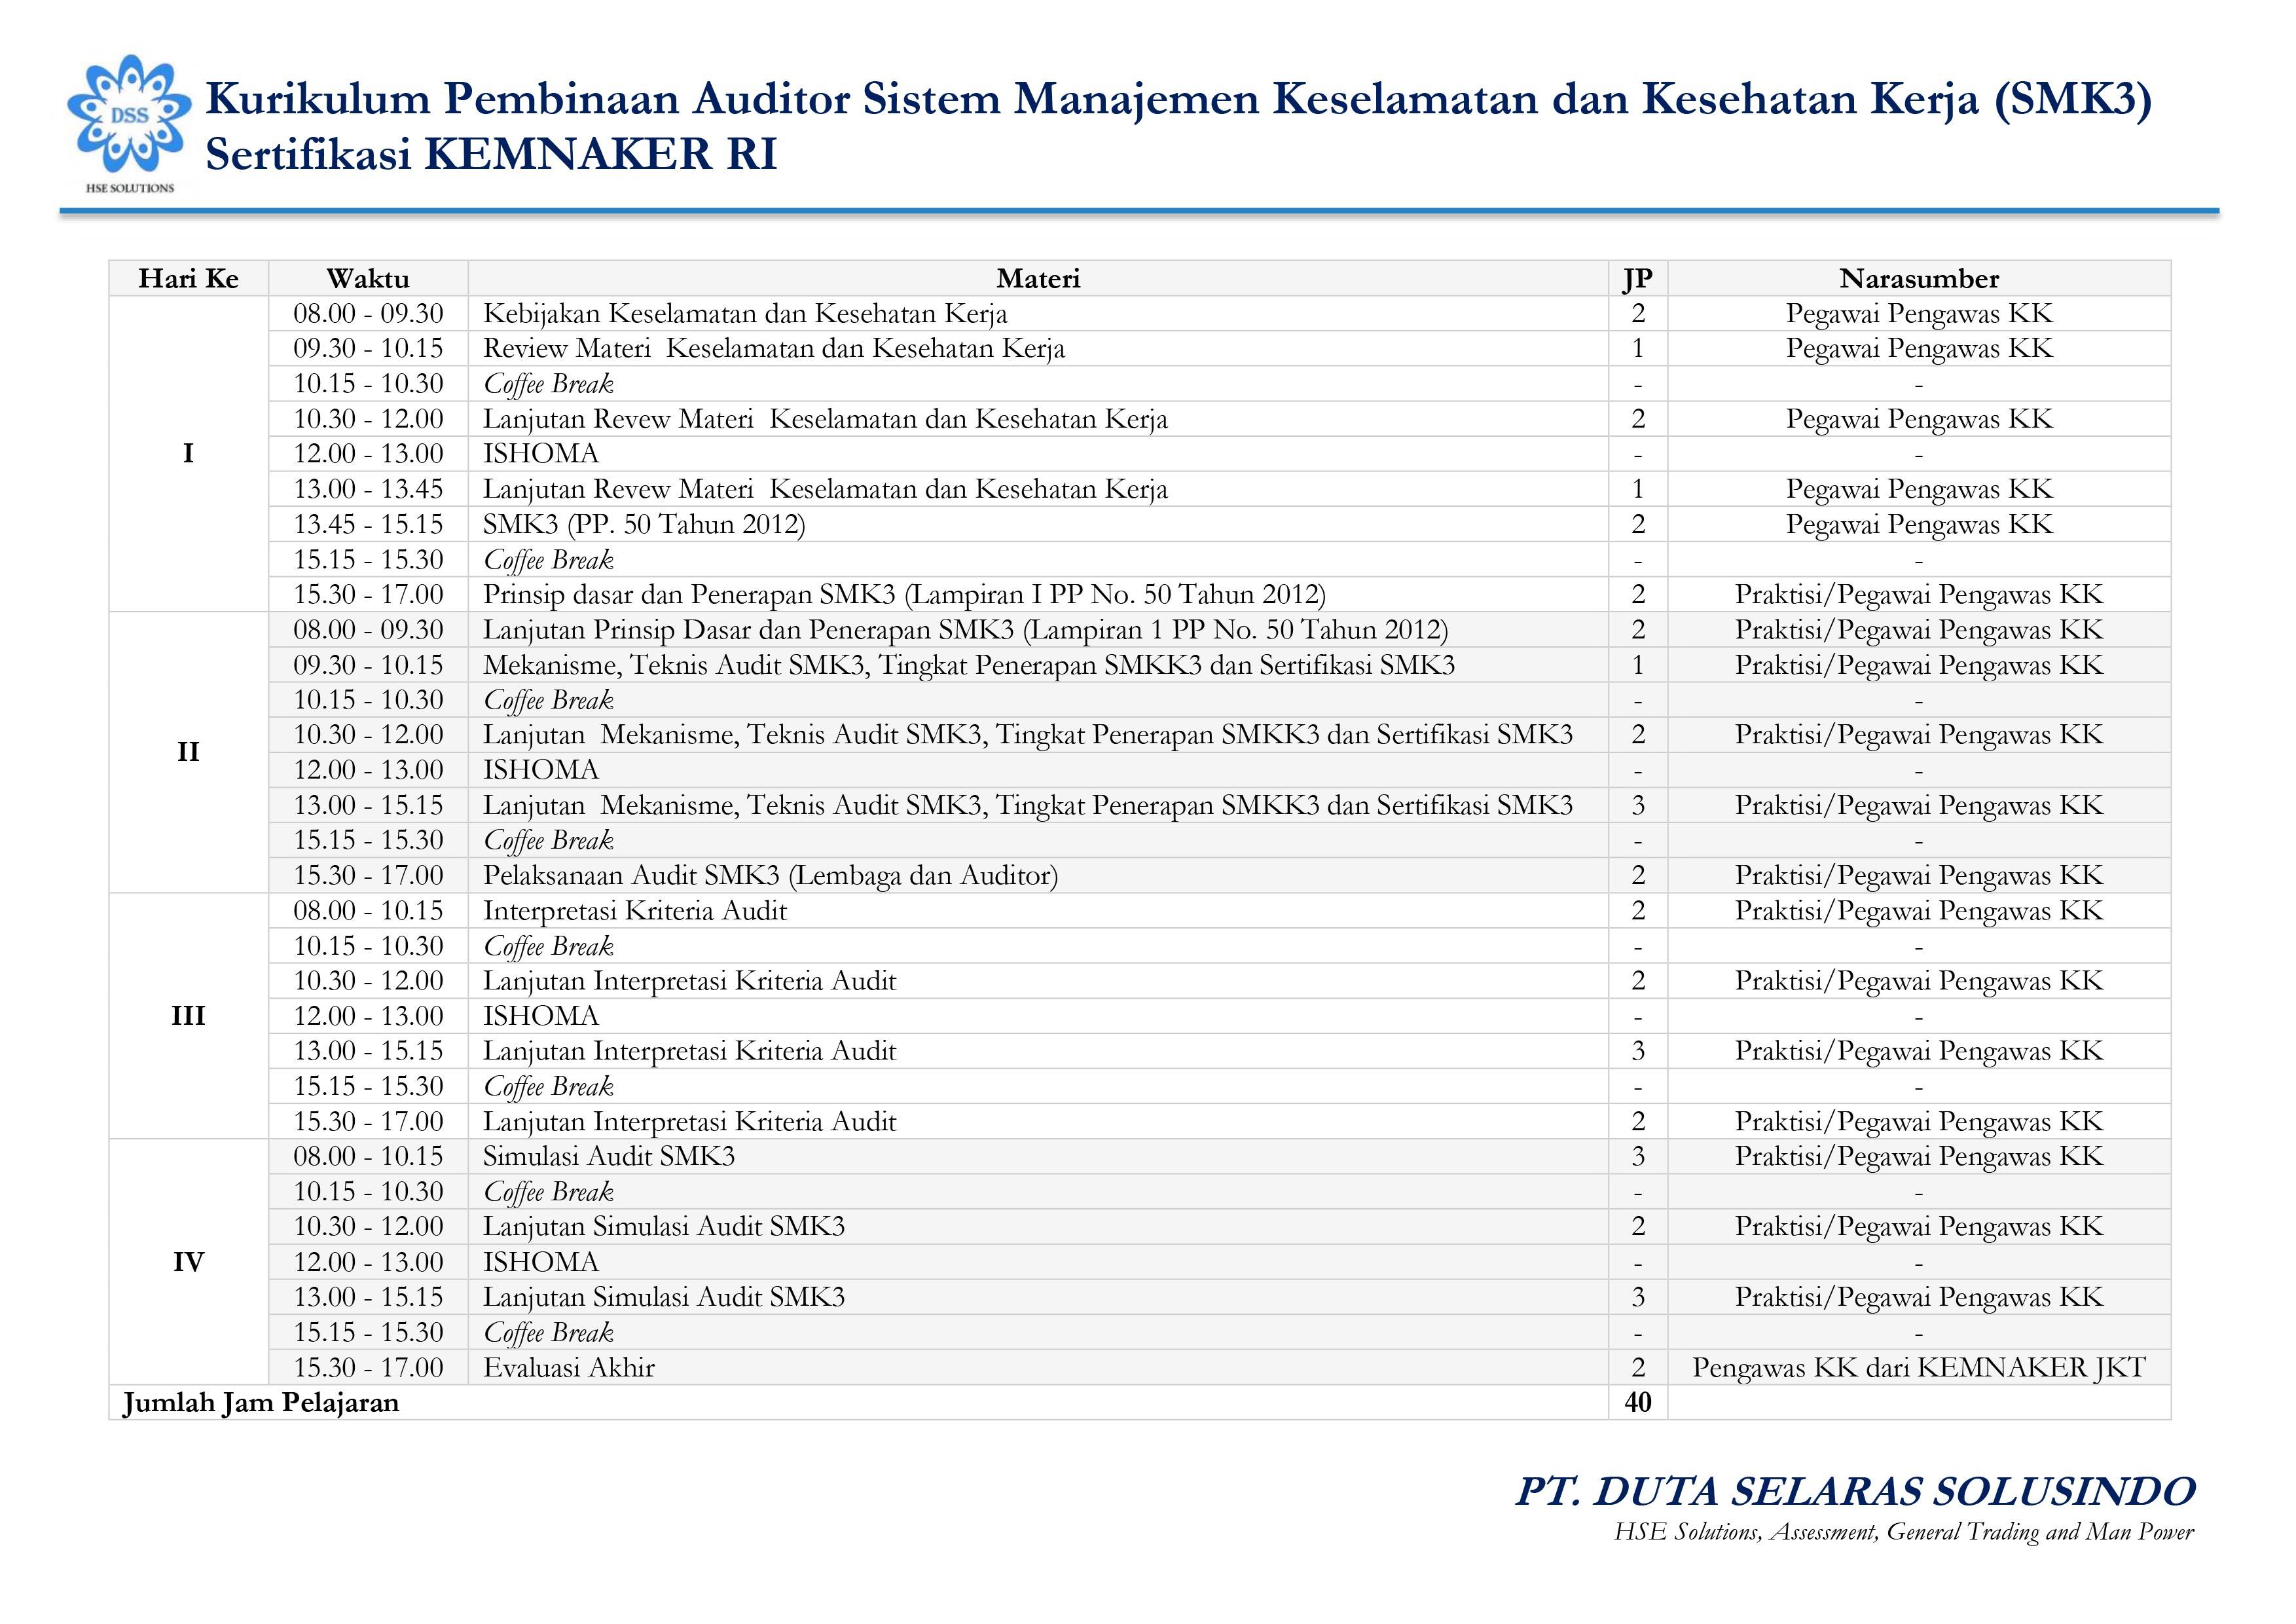 Kurikulum Pembinaan Auditor Sistem Manajemen Keselamatan dan Kesehatan Kerja Sertifikasi KEMNAKER RI